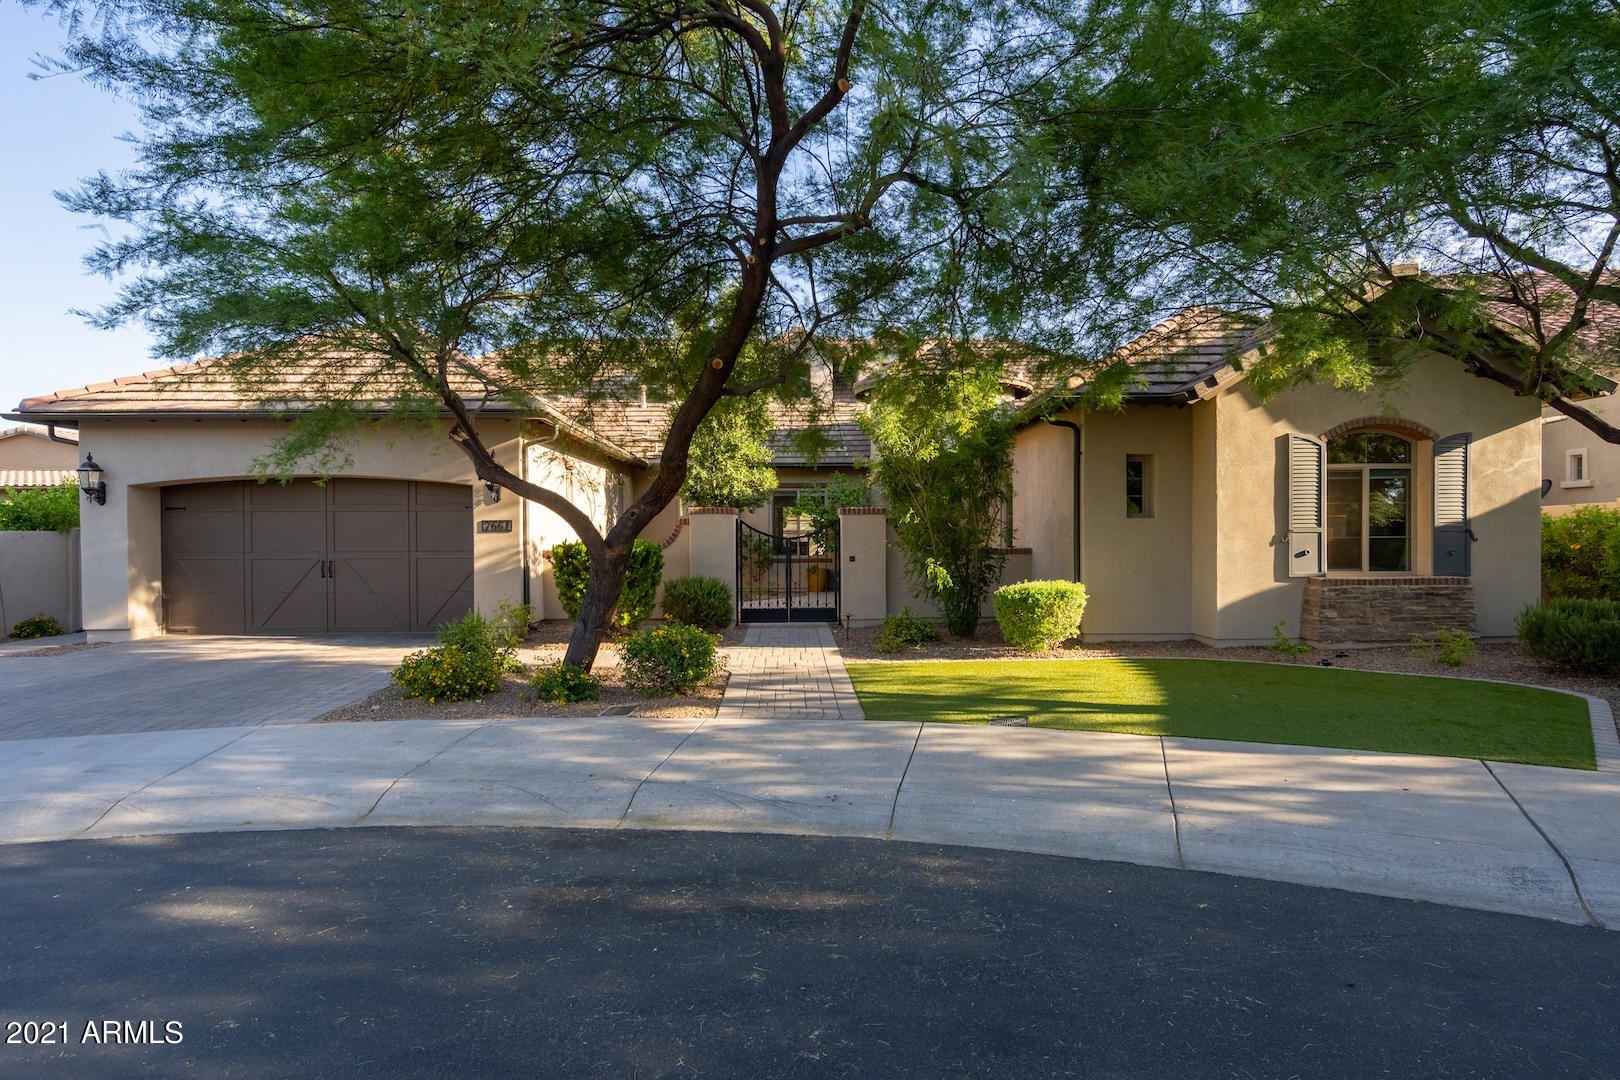 7661 E SOLANO Drive, Scottsdale, AZ 85250 - MLS#: 6235739